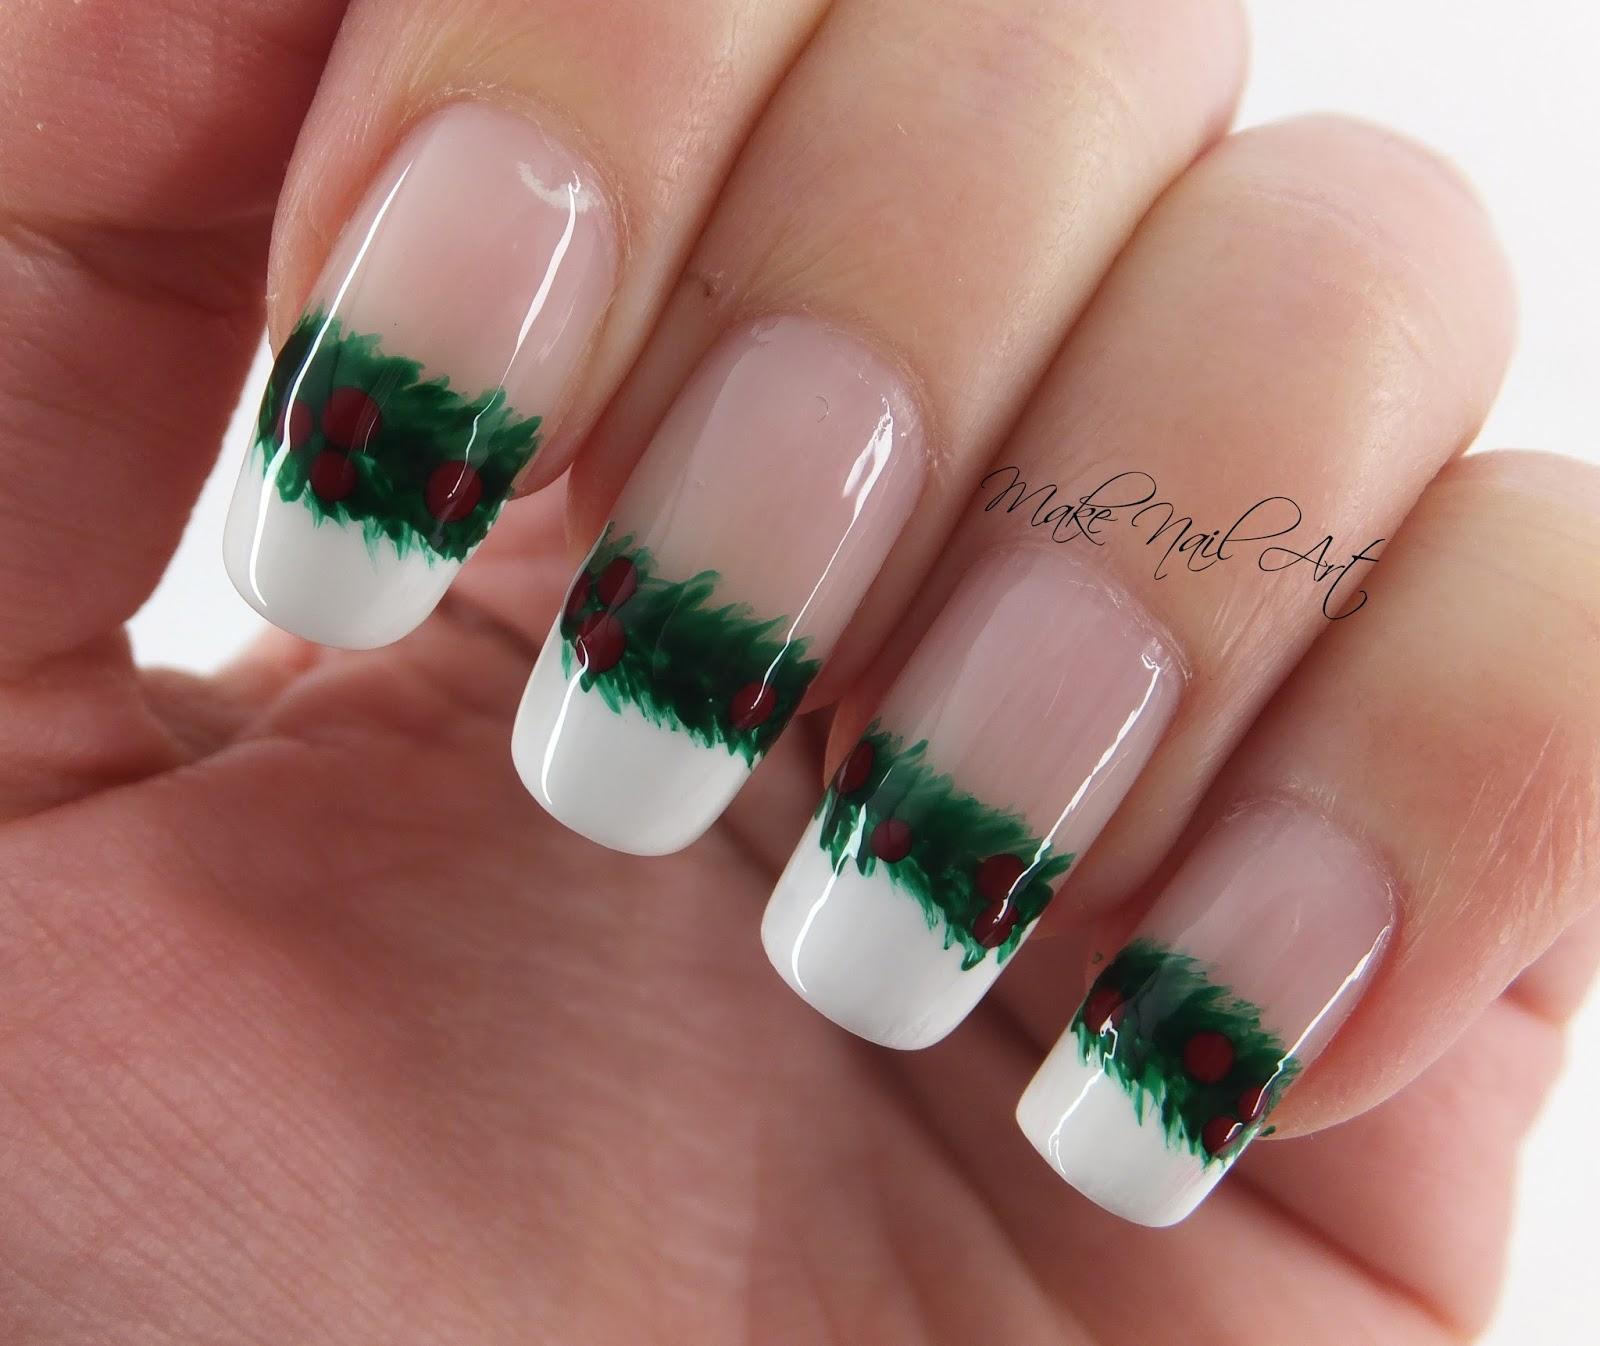 Make Nail Art Christmas Garland Nail Art Design Tutorial